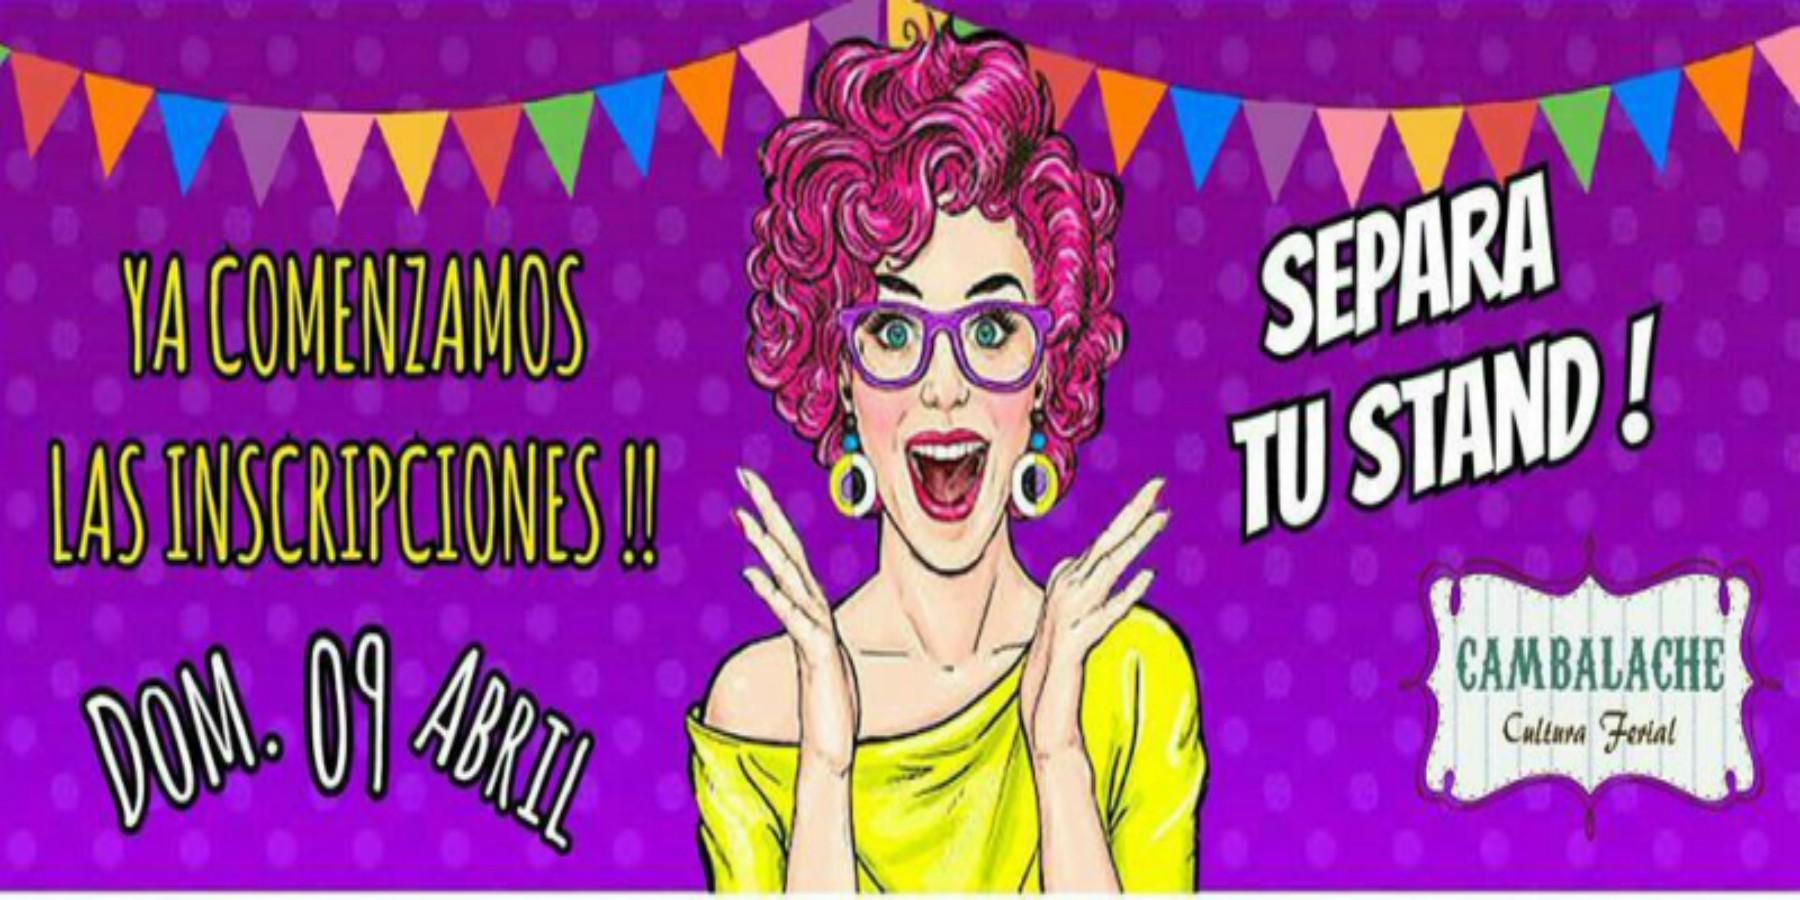 Cambalache | 09 de Abril en Chorrillos